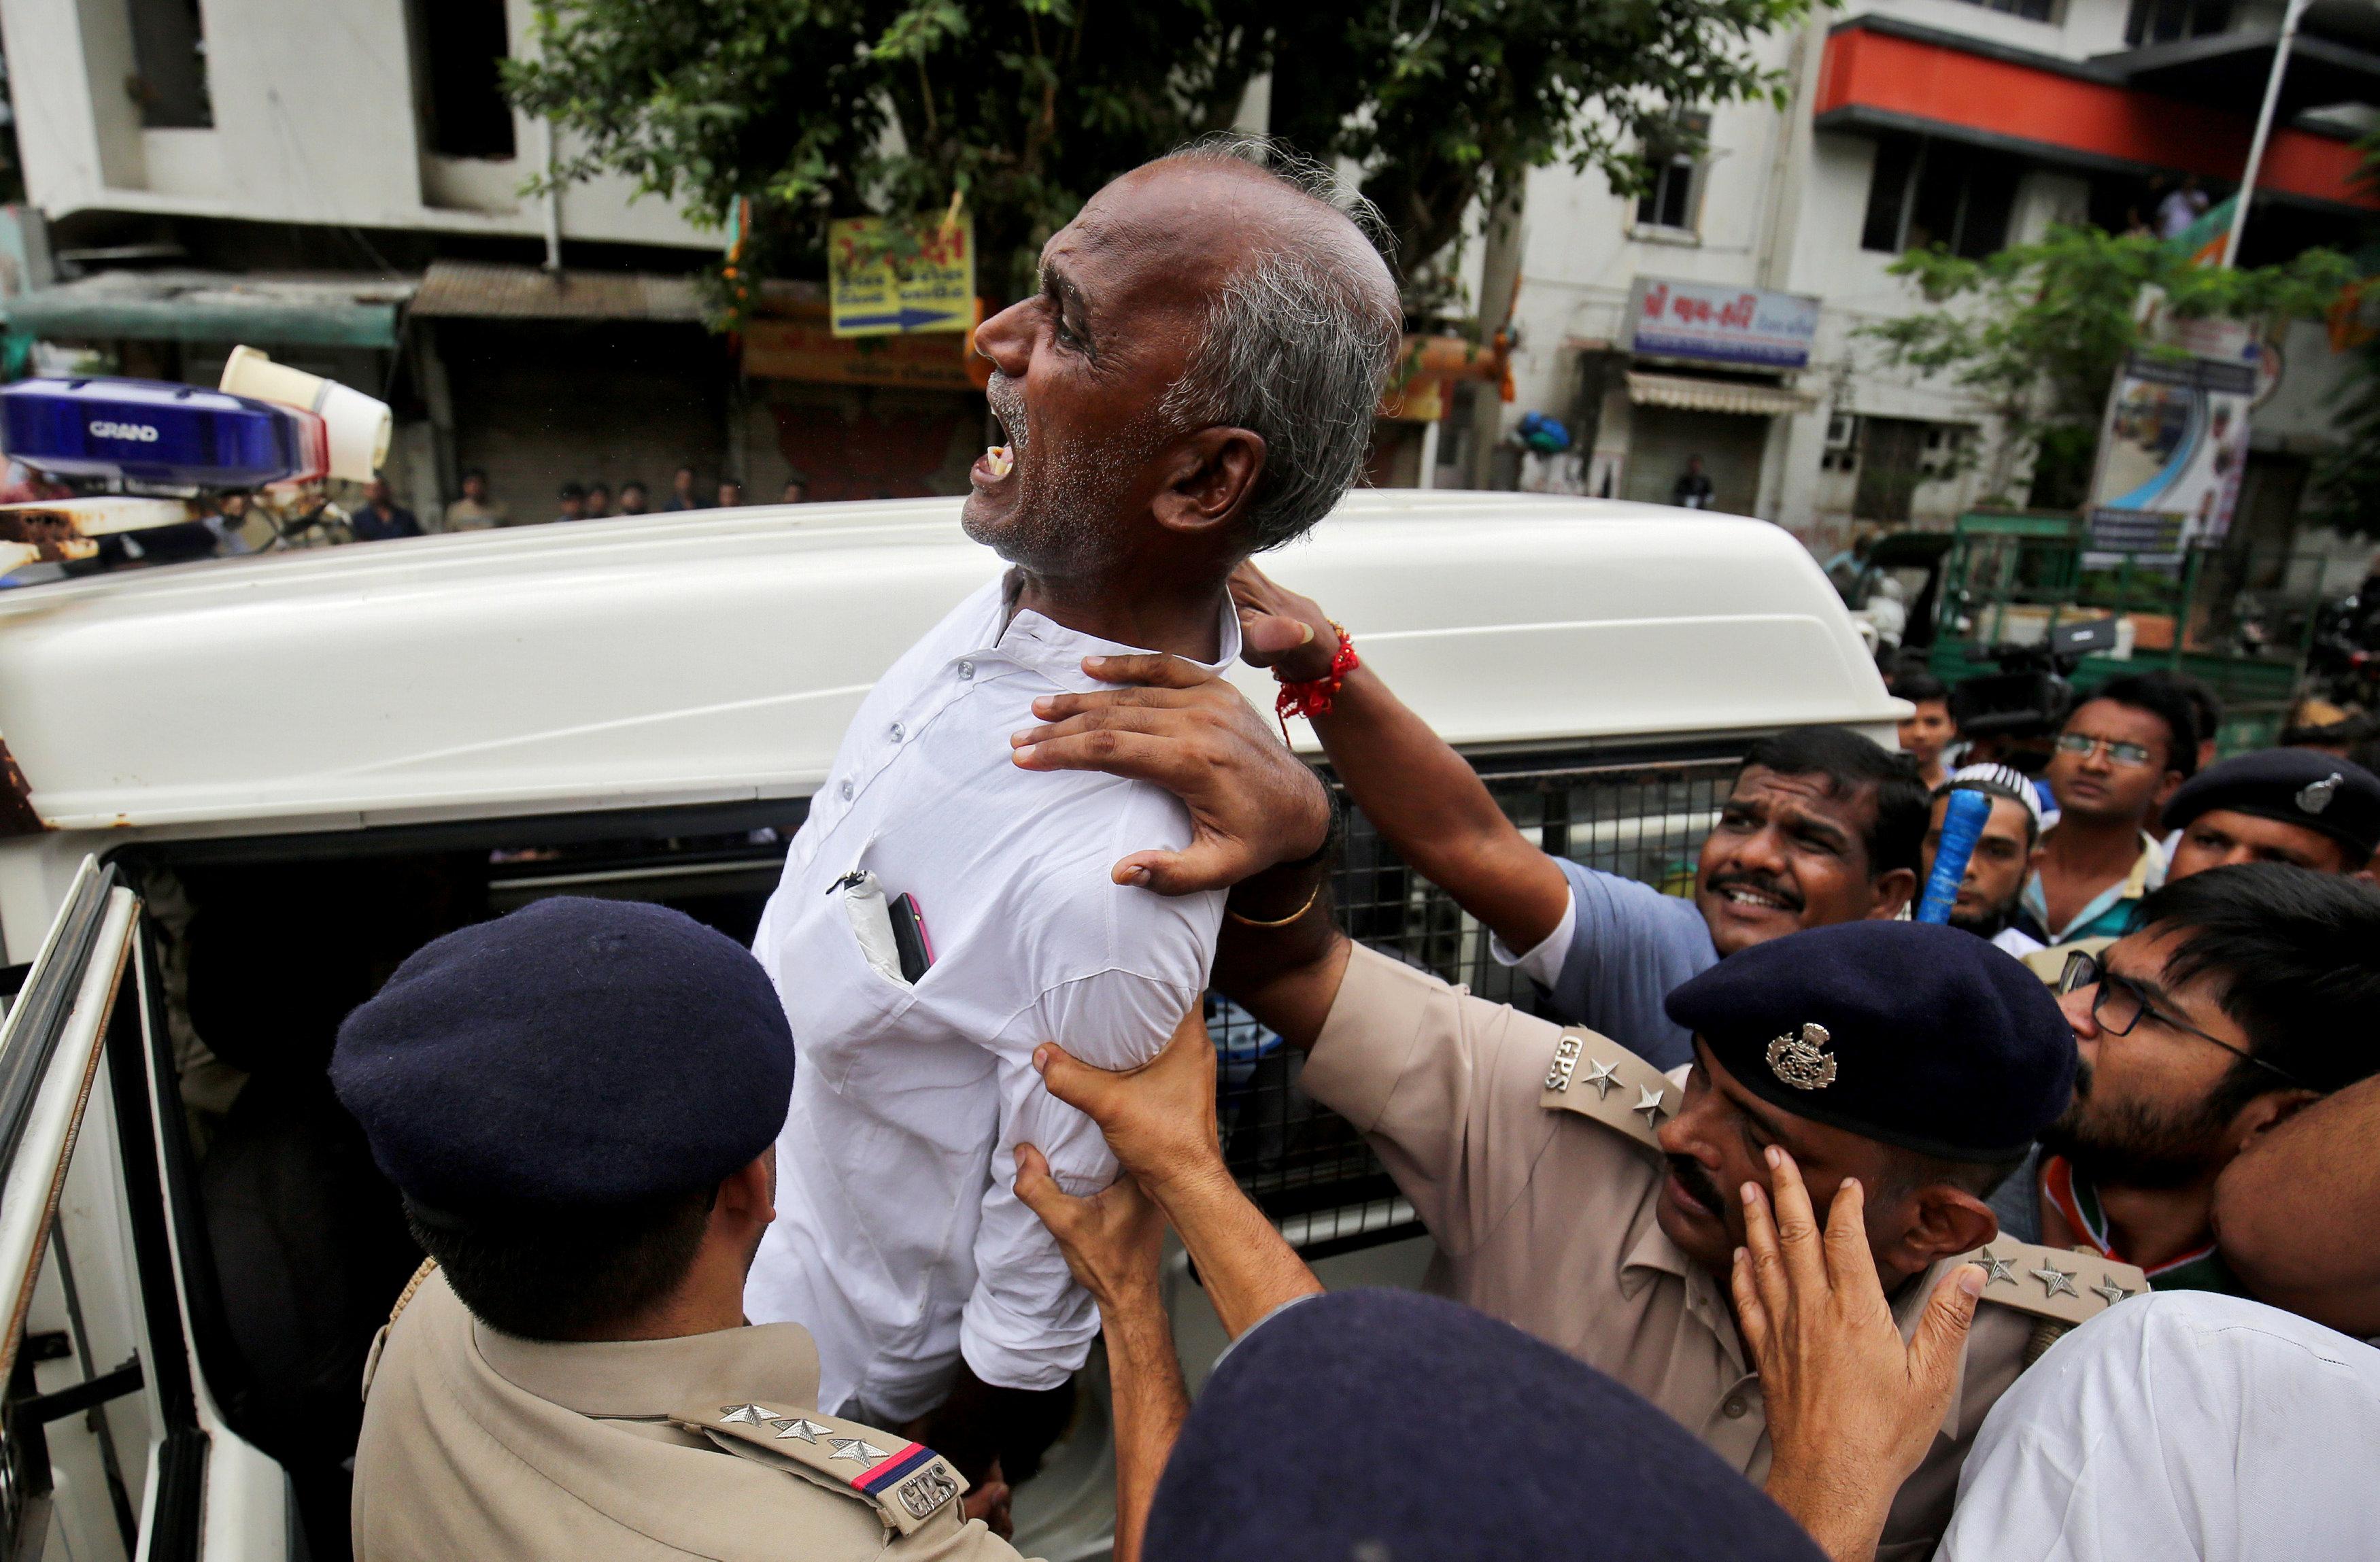 الشرطة تلقى القبض على مؤيدى حزب المؤتمر المعارض الرئيسى فى الهند